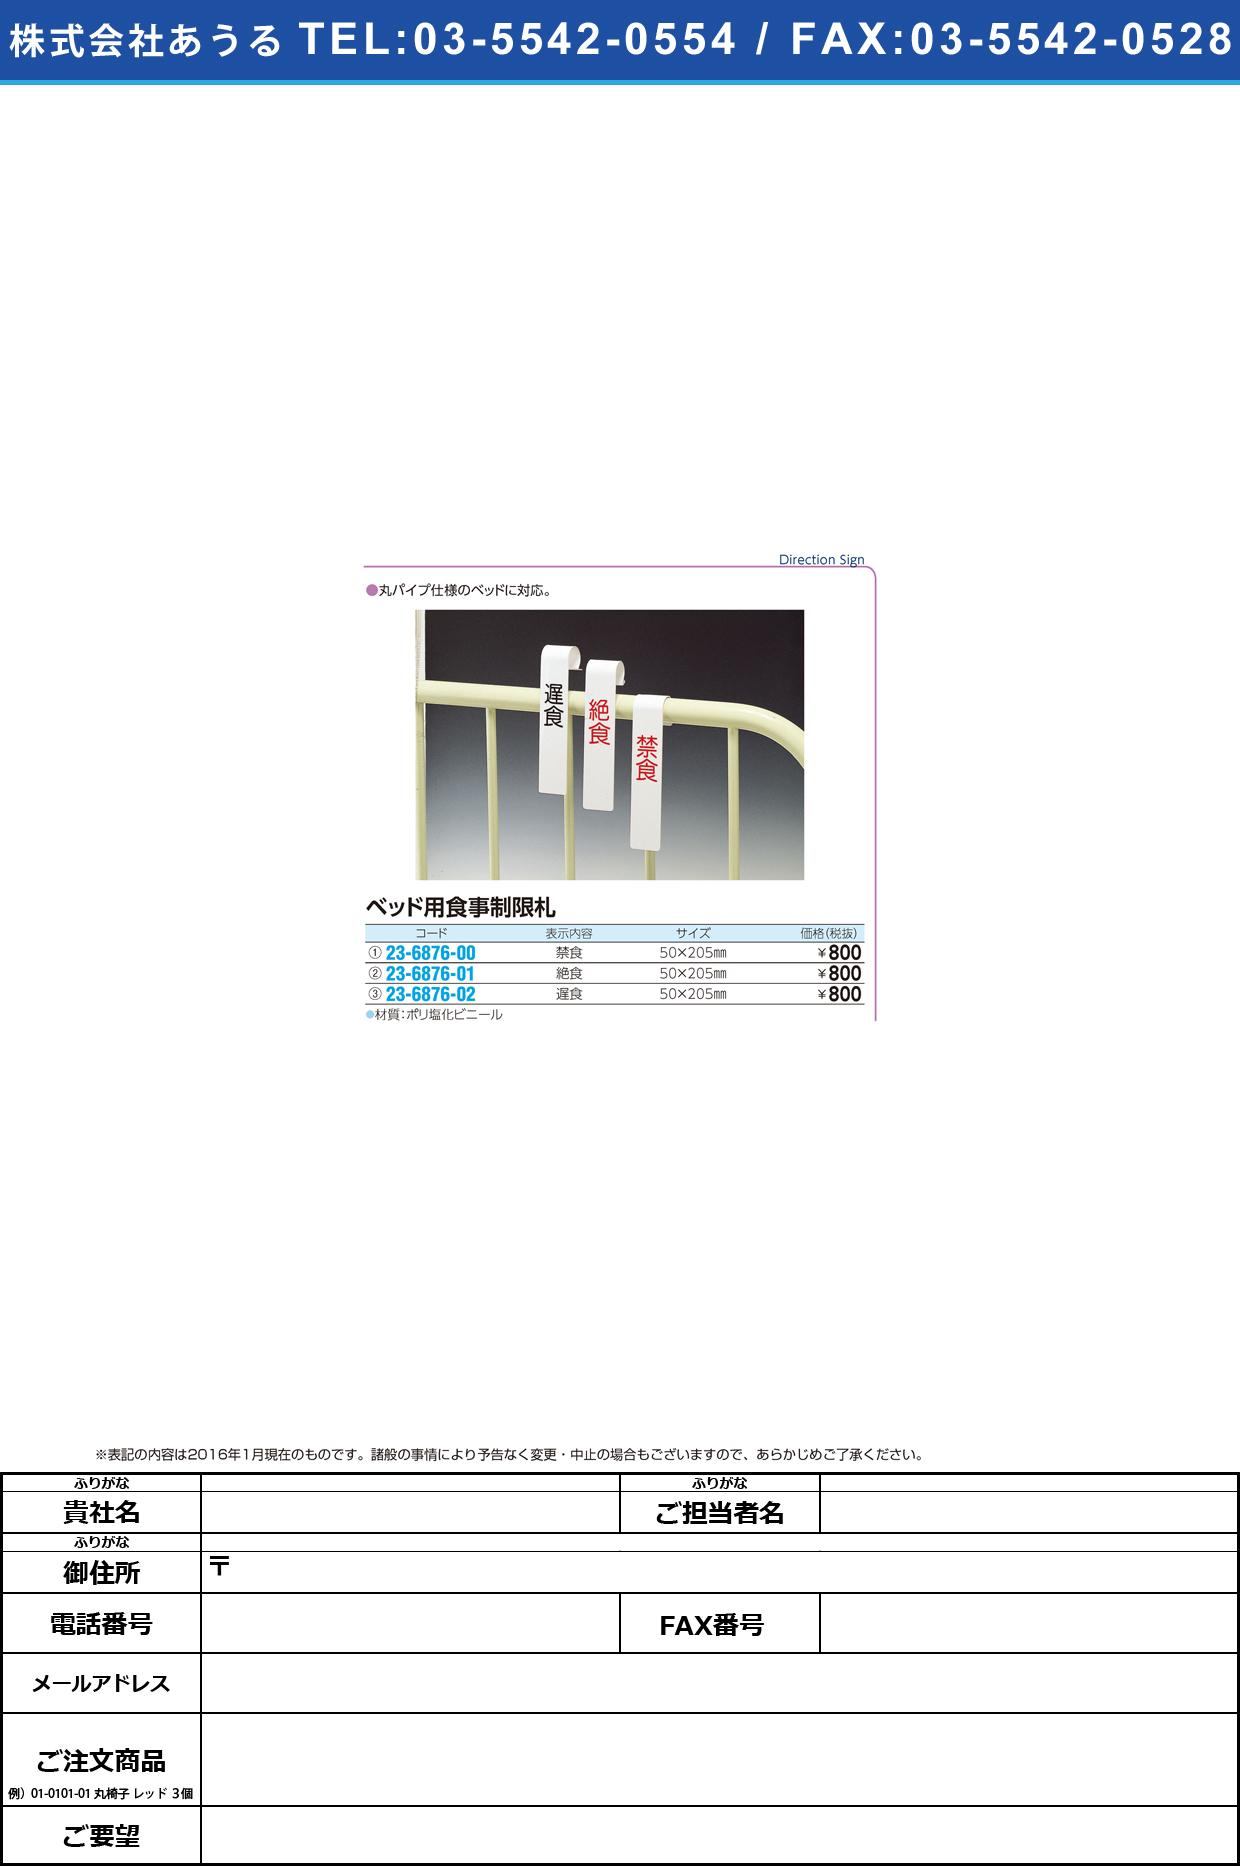 ベッド用食事制限札(絶食)   ショクジセイゲンフダ(ゼッショク 2035-02(50X205MM)【1枚単位】(23-6876-01)